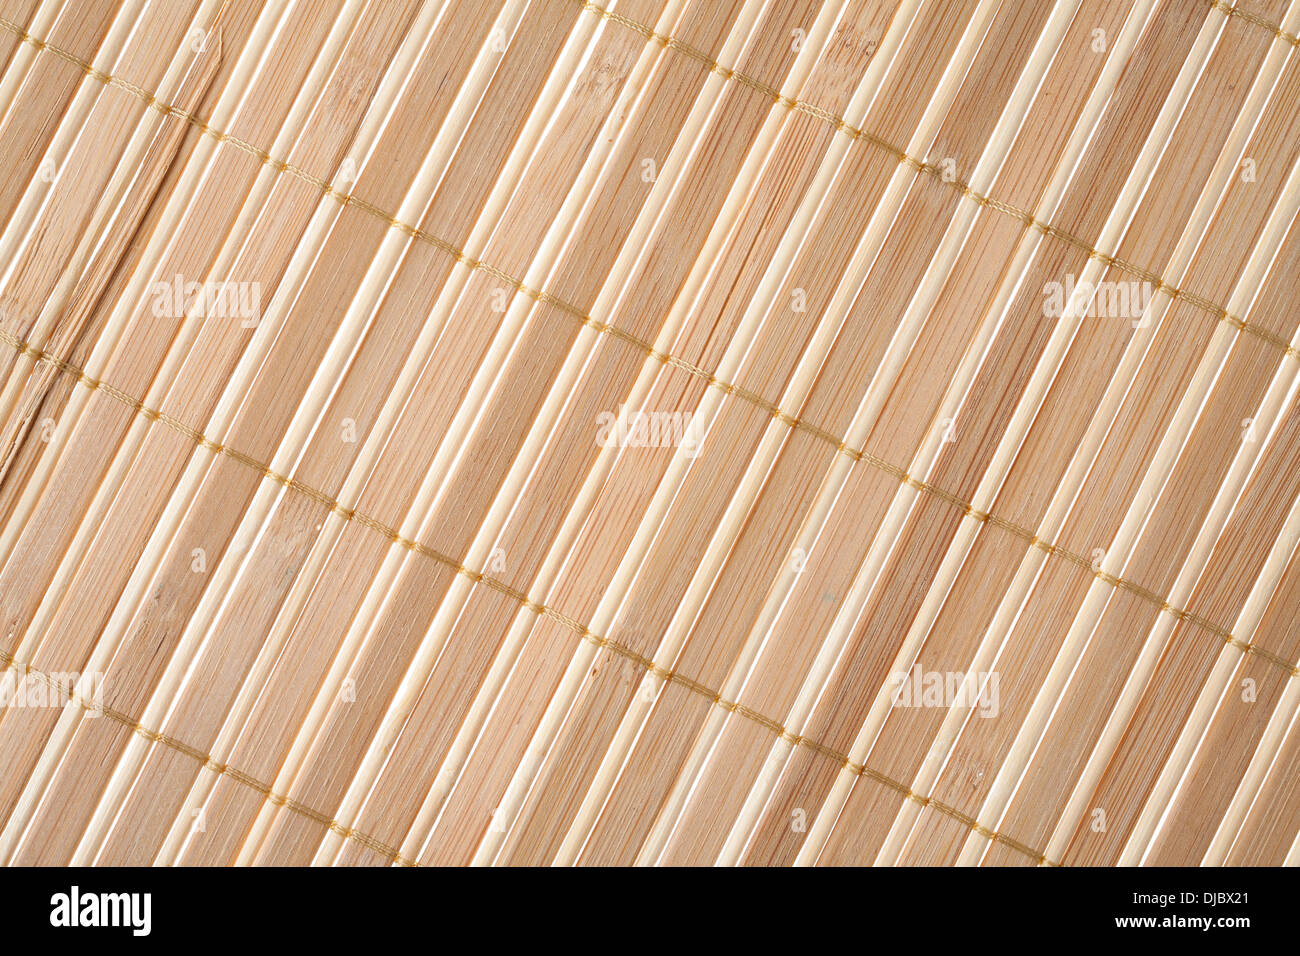 Nahaufnahme Von Bambus Matten Hintergrund Isoliert Auf Weiss